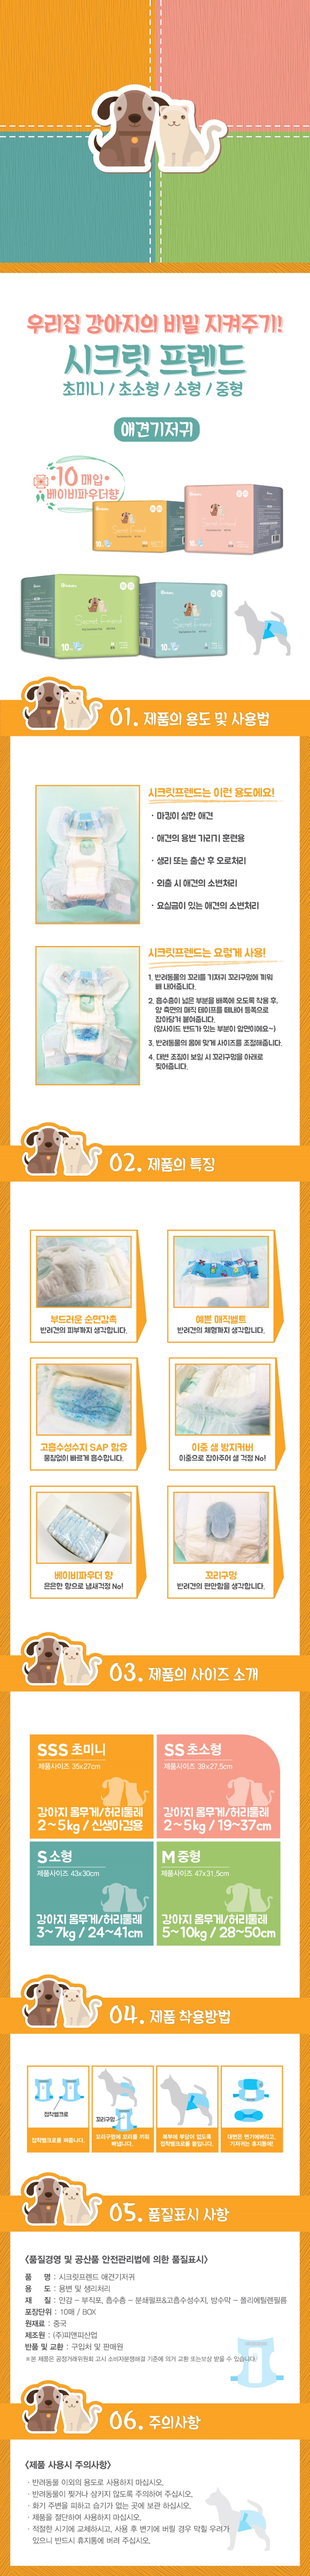 푸르미 시크릿 프렌드 애견기저귀 중형견용 10매 - 굿프랜드, 5,580원, 위생/배변용품, 기저귀